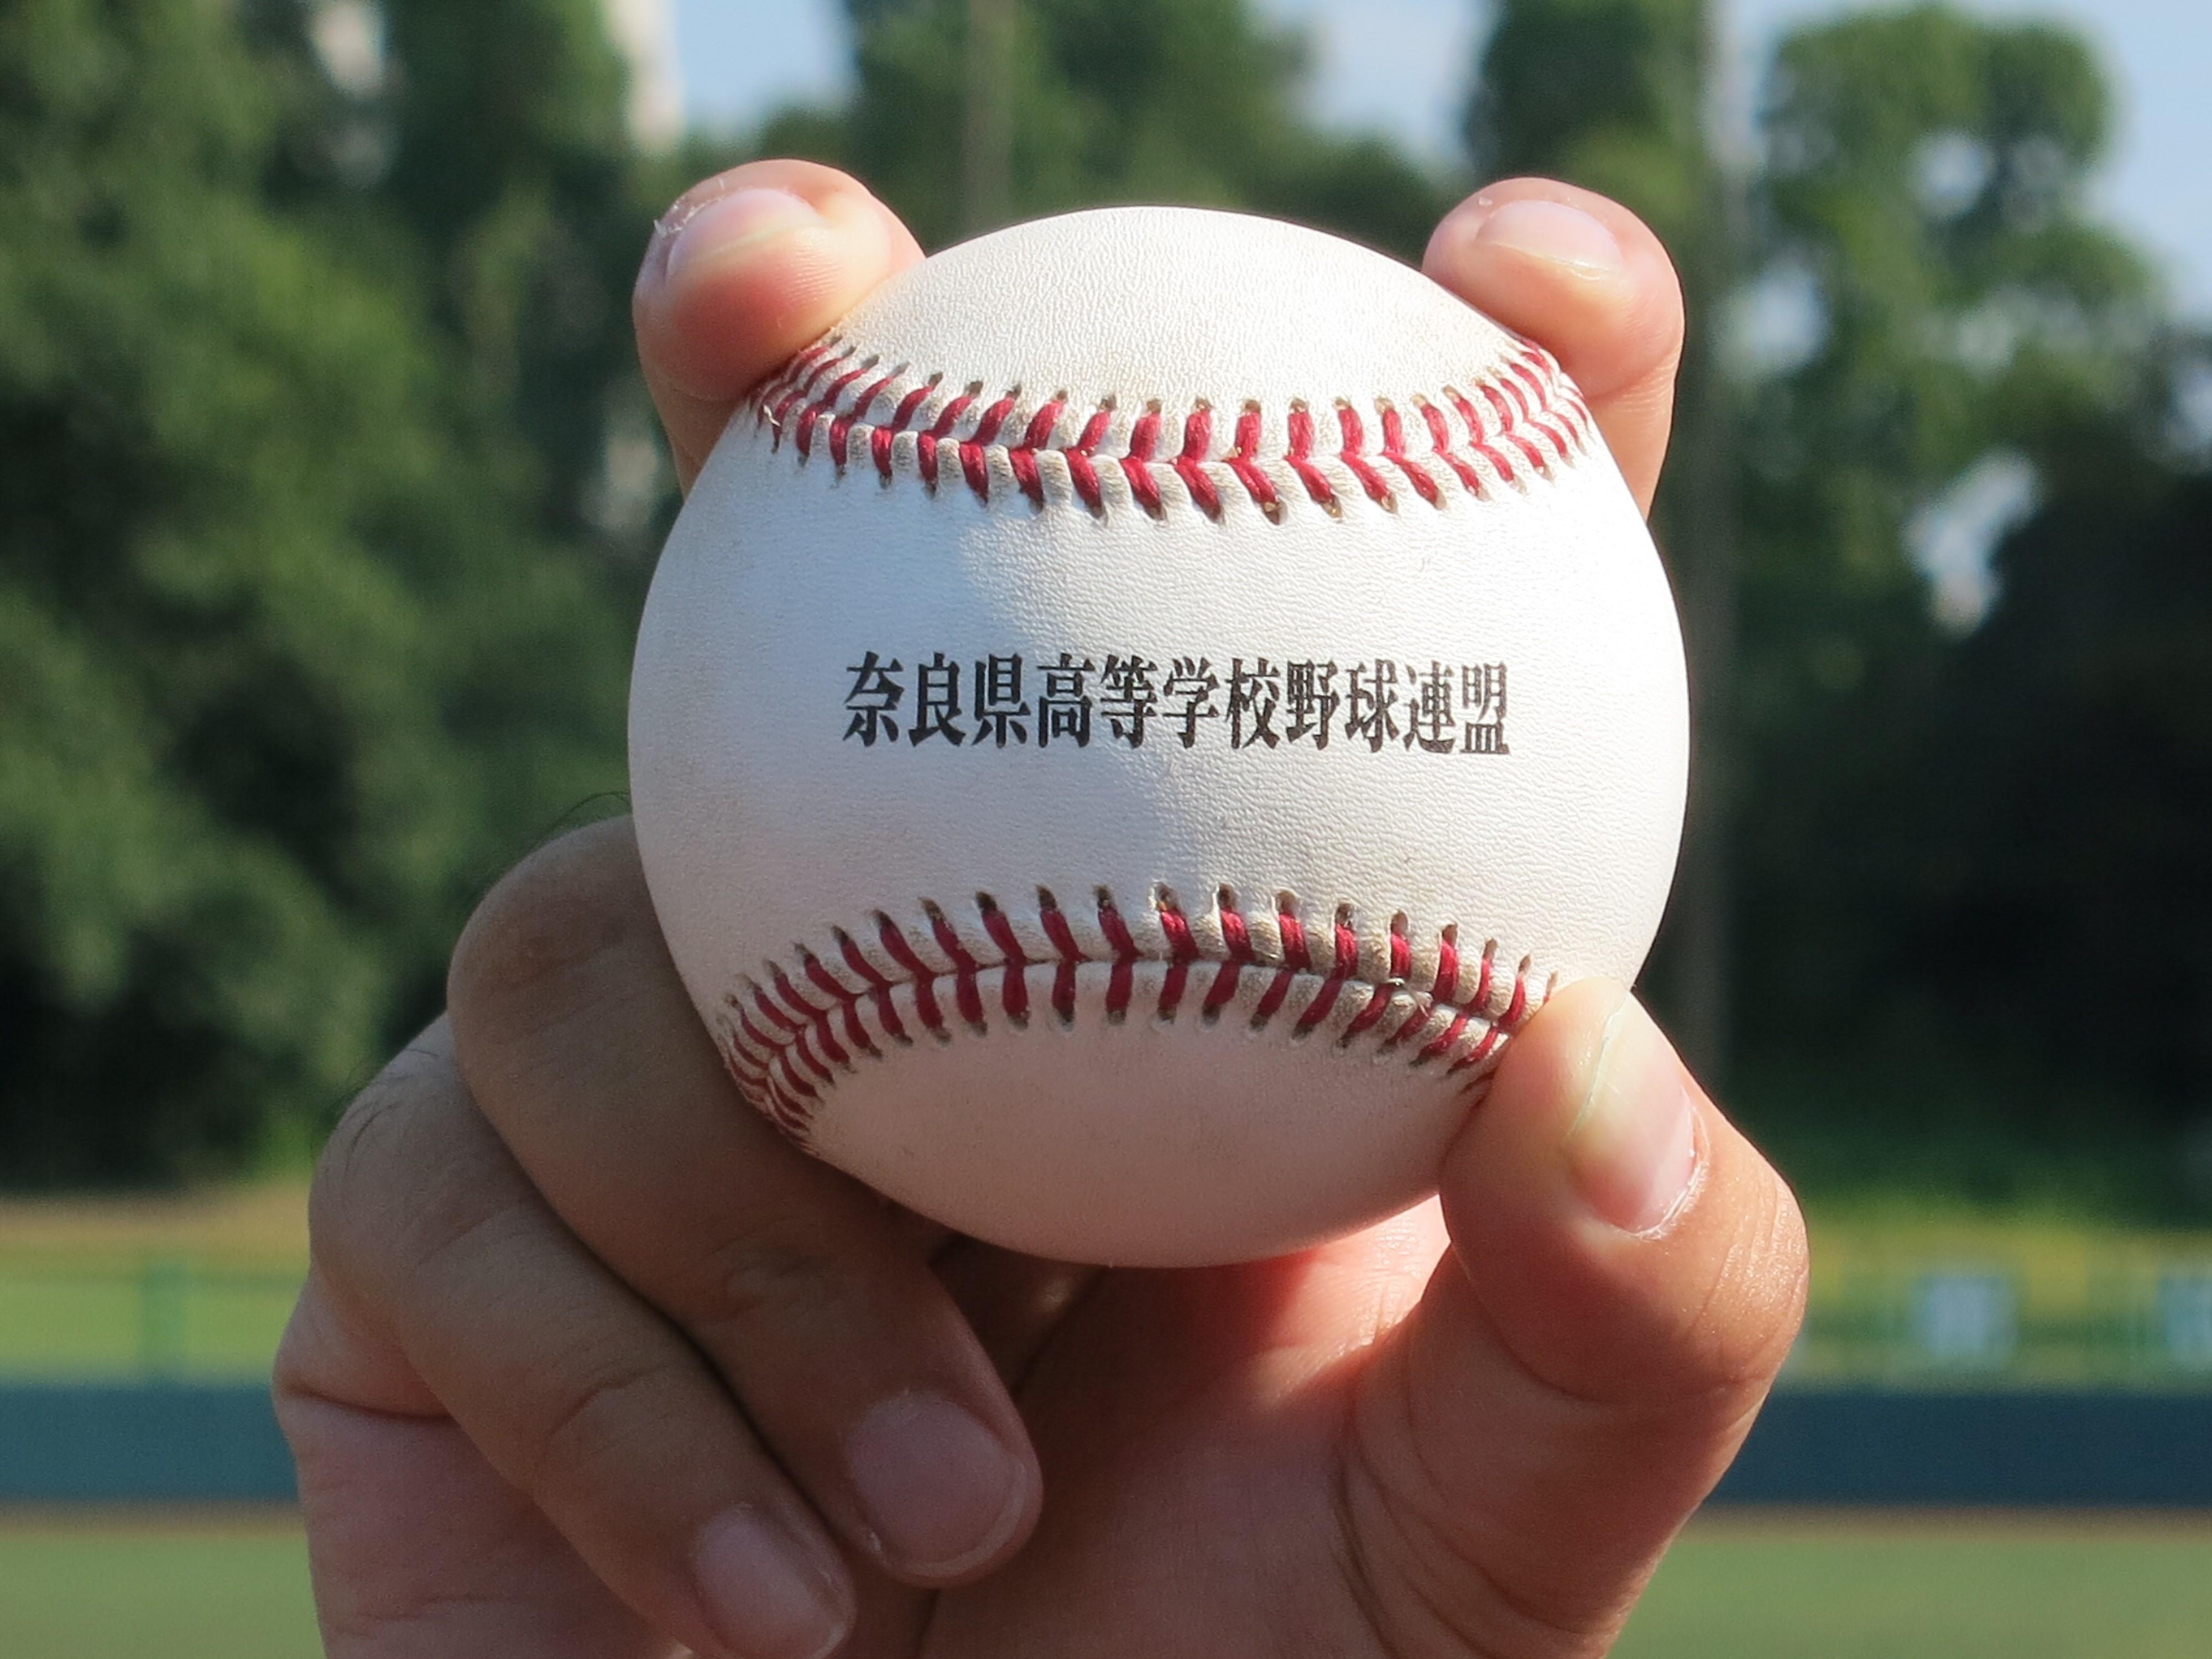 【近鉄ケーブルネットワーク】 第101回全国高校野球選手権奈良大会を生中継にて放送